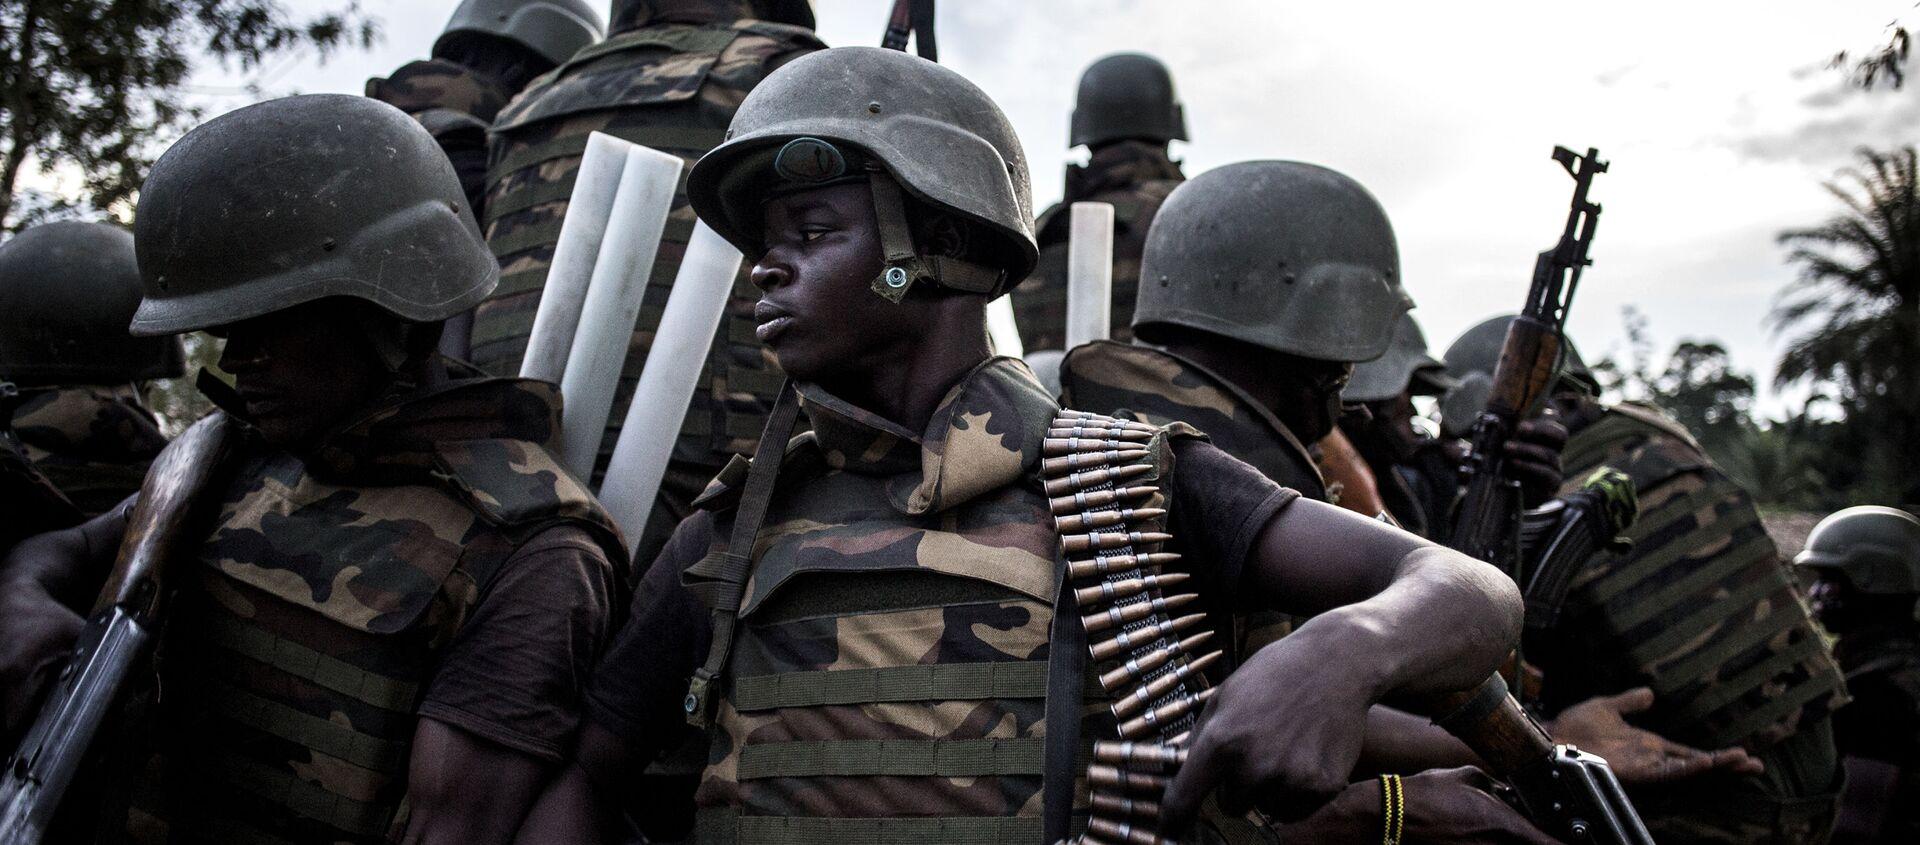 Des soldats des Forces armées de République démocratique du Congo (FARDC) - Sputnik France, 1920, 04.12.2020